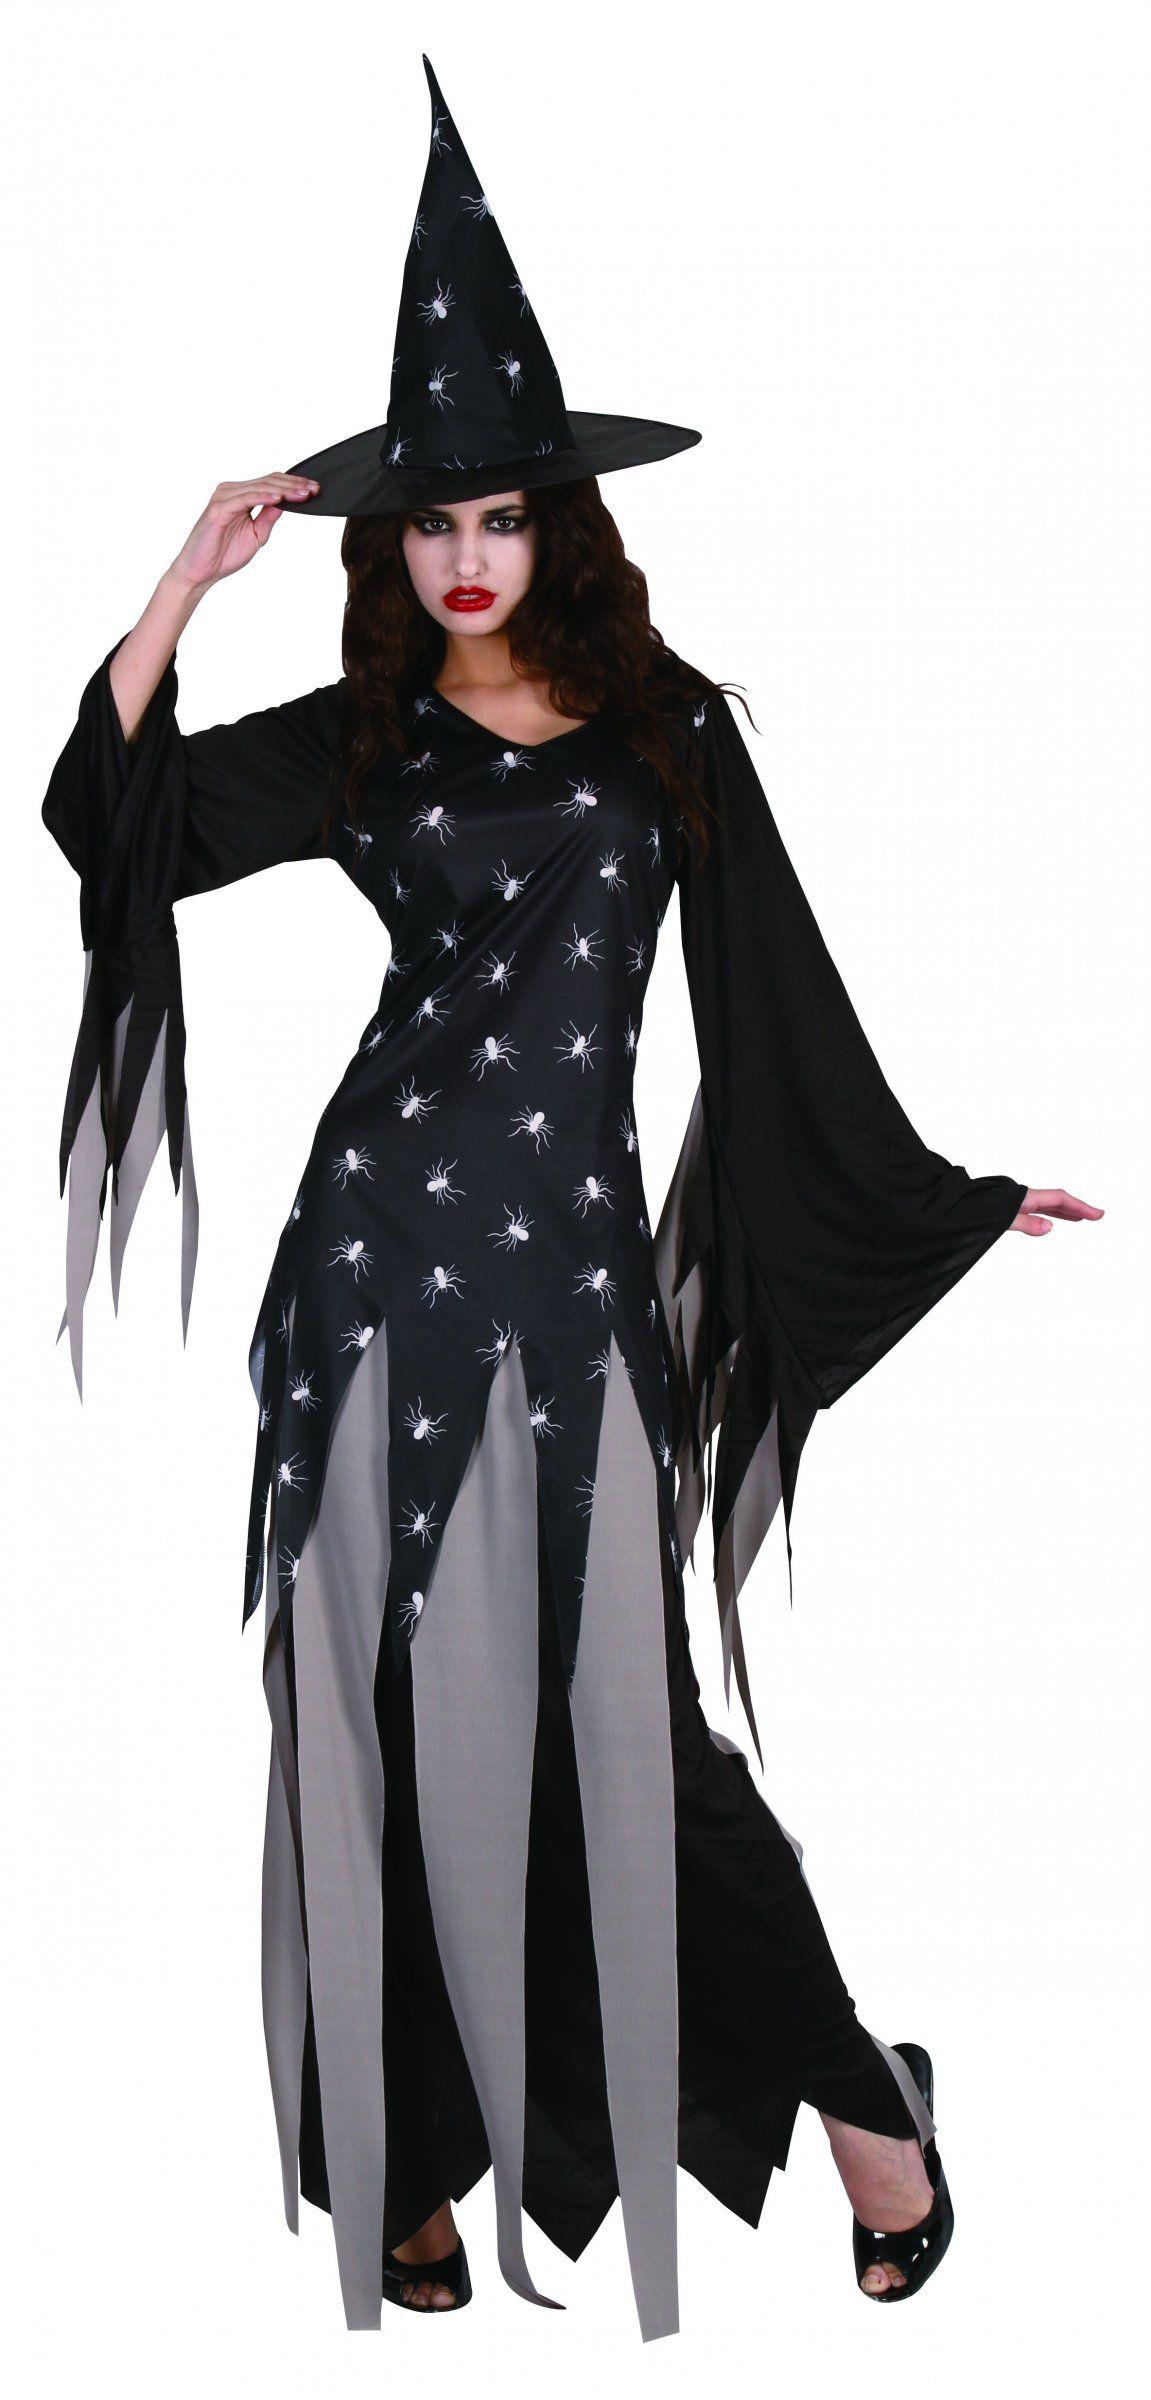 Costume da strega ragno donna Halloween  Questo costume da strega per donna  è composto da una gonna 22bfda60cf7d